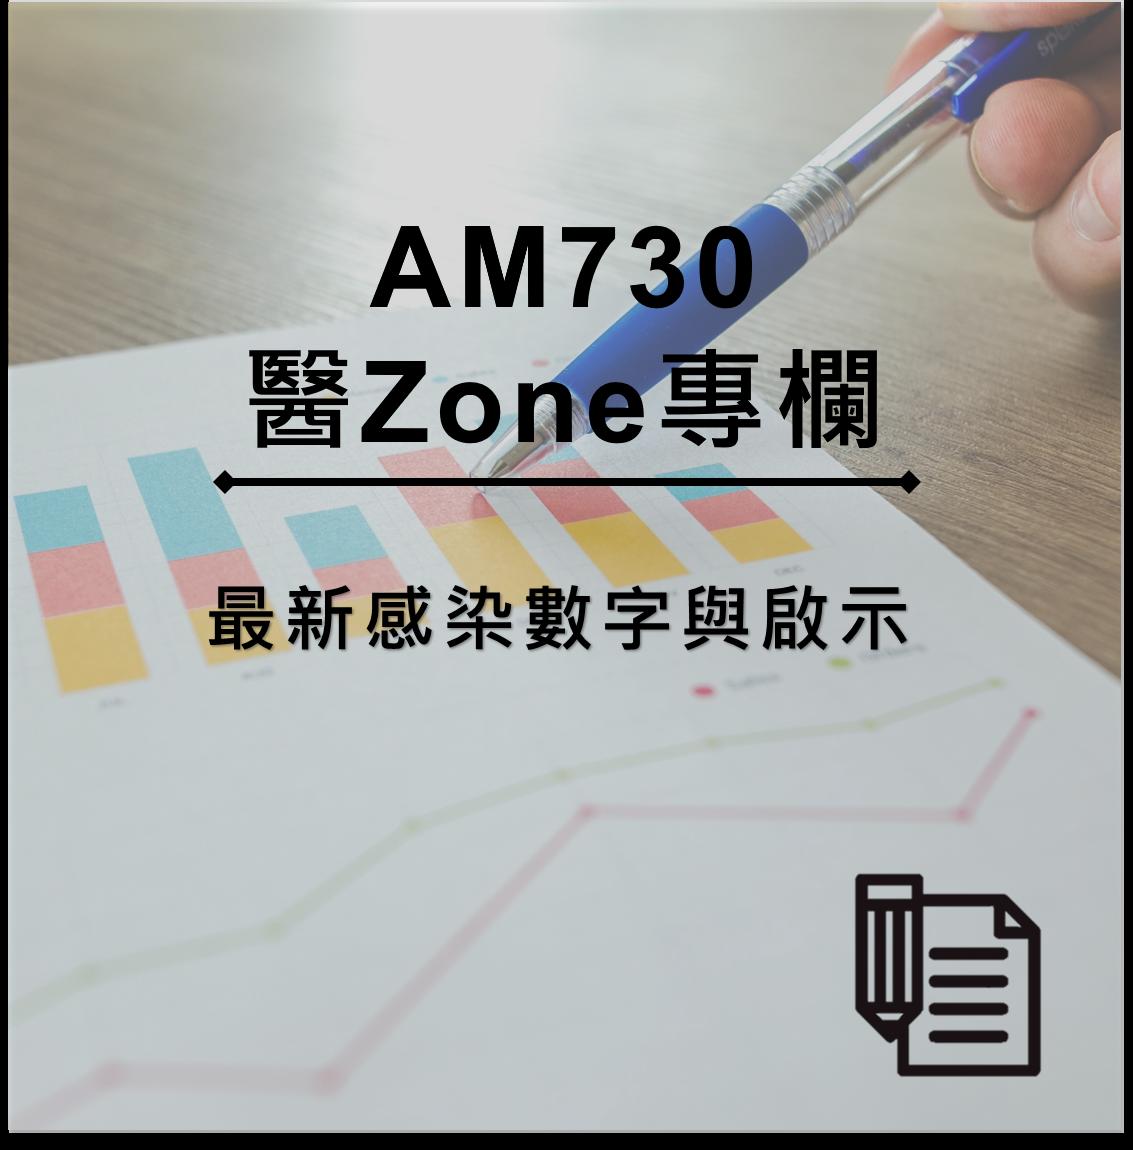 AM730 醫Zone 專欄 - 最新感染數字與啟示